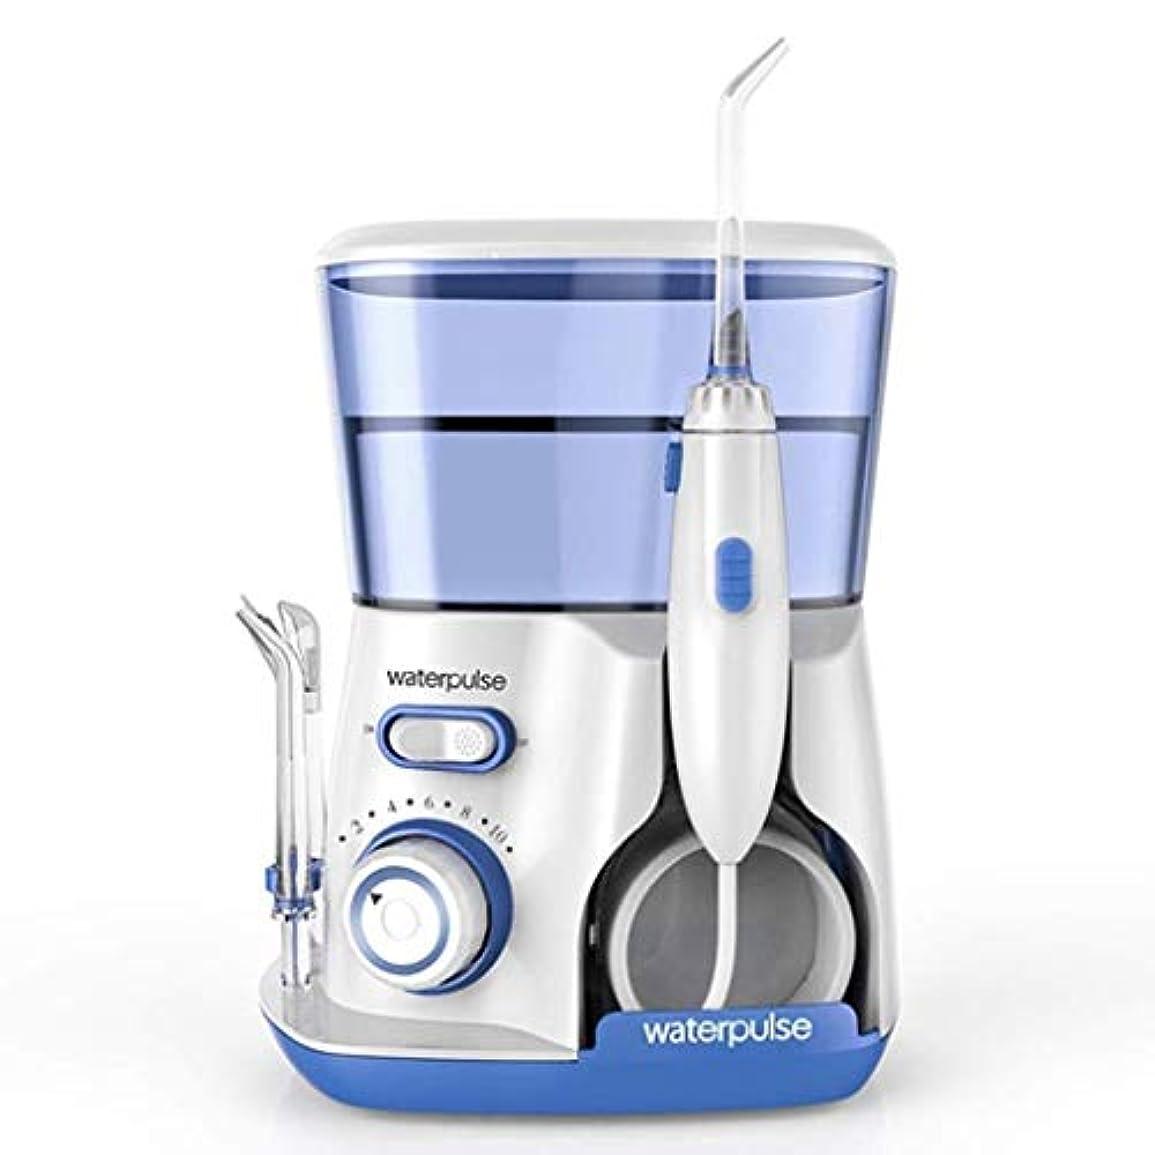 ティーンエイジャーどっち電池歯科洗浄機、電動歯洗浄機、ポータブル家庭用口腔洗浄機、5つのノズル付き800ML、360度の洗浄 (Color : V)